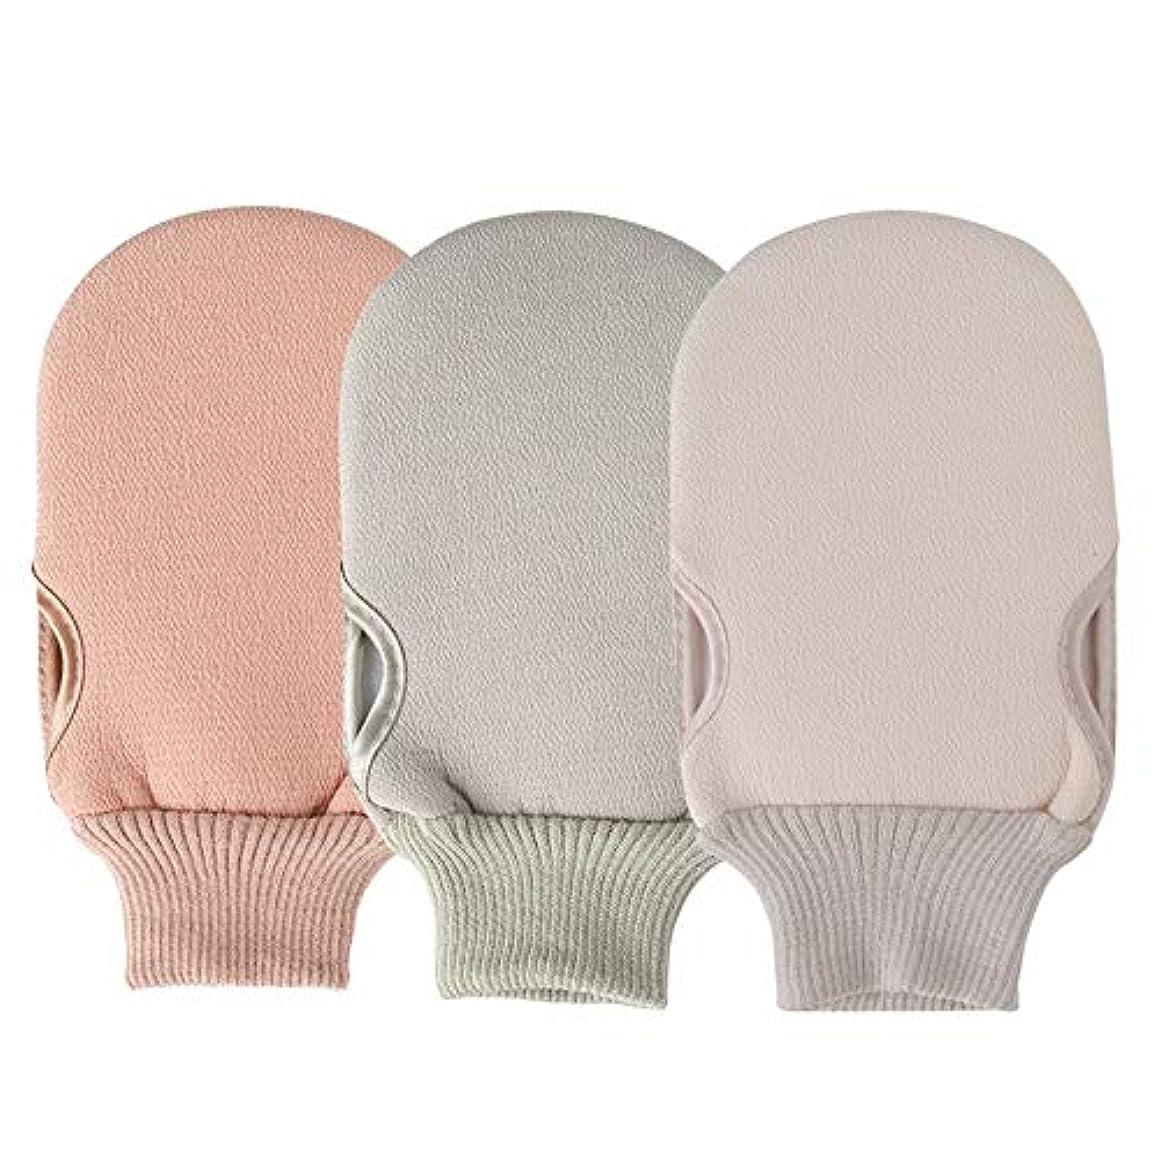 ページェントジョージエリオット付属品BTXXYJP お風呂用手袋 あかすり シャワー手袋 ボディブラシ やわらか ボディタオル バス用品 角質除去 (Color : Pink+green+beige)